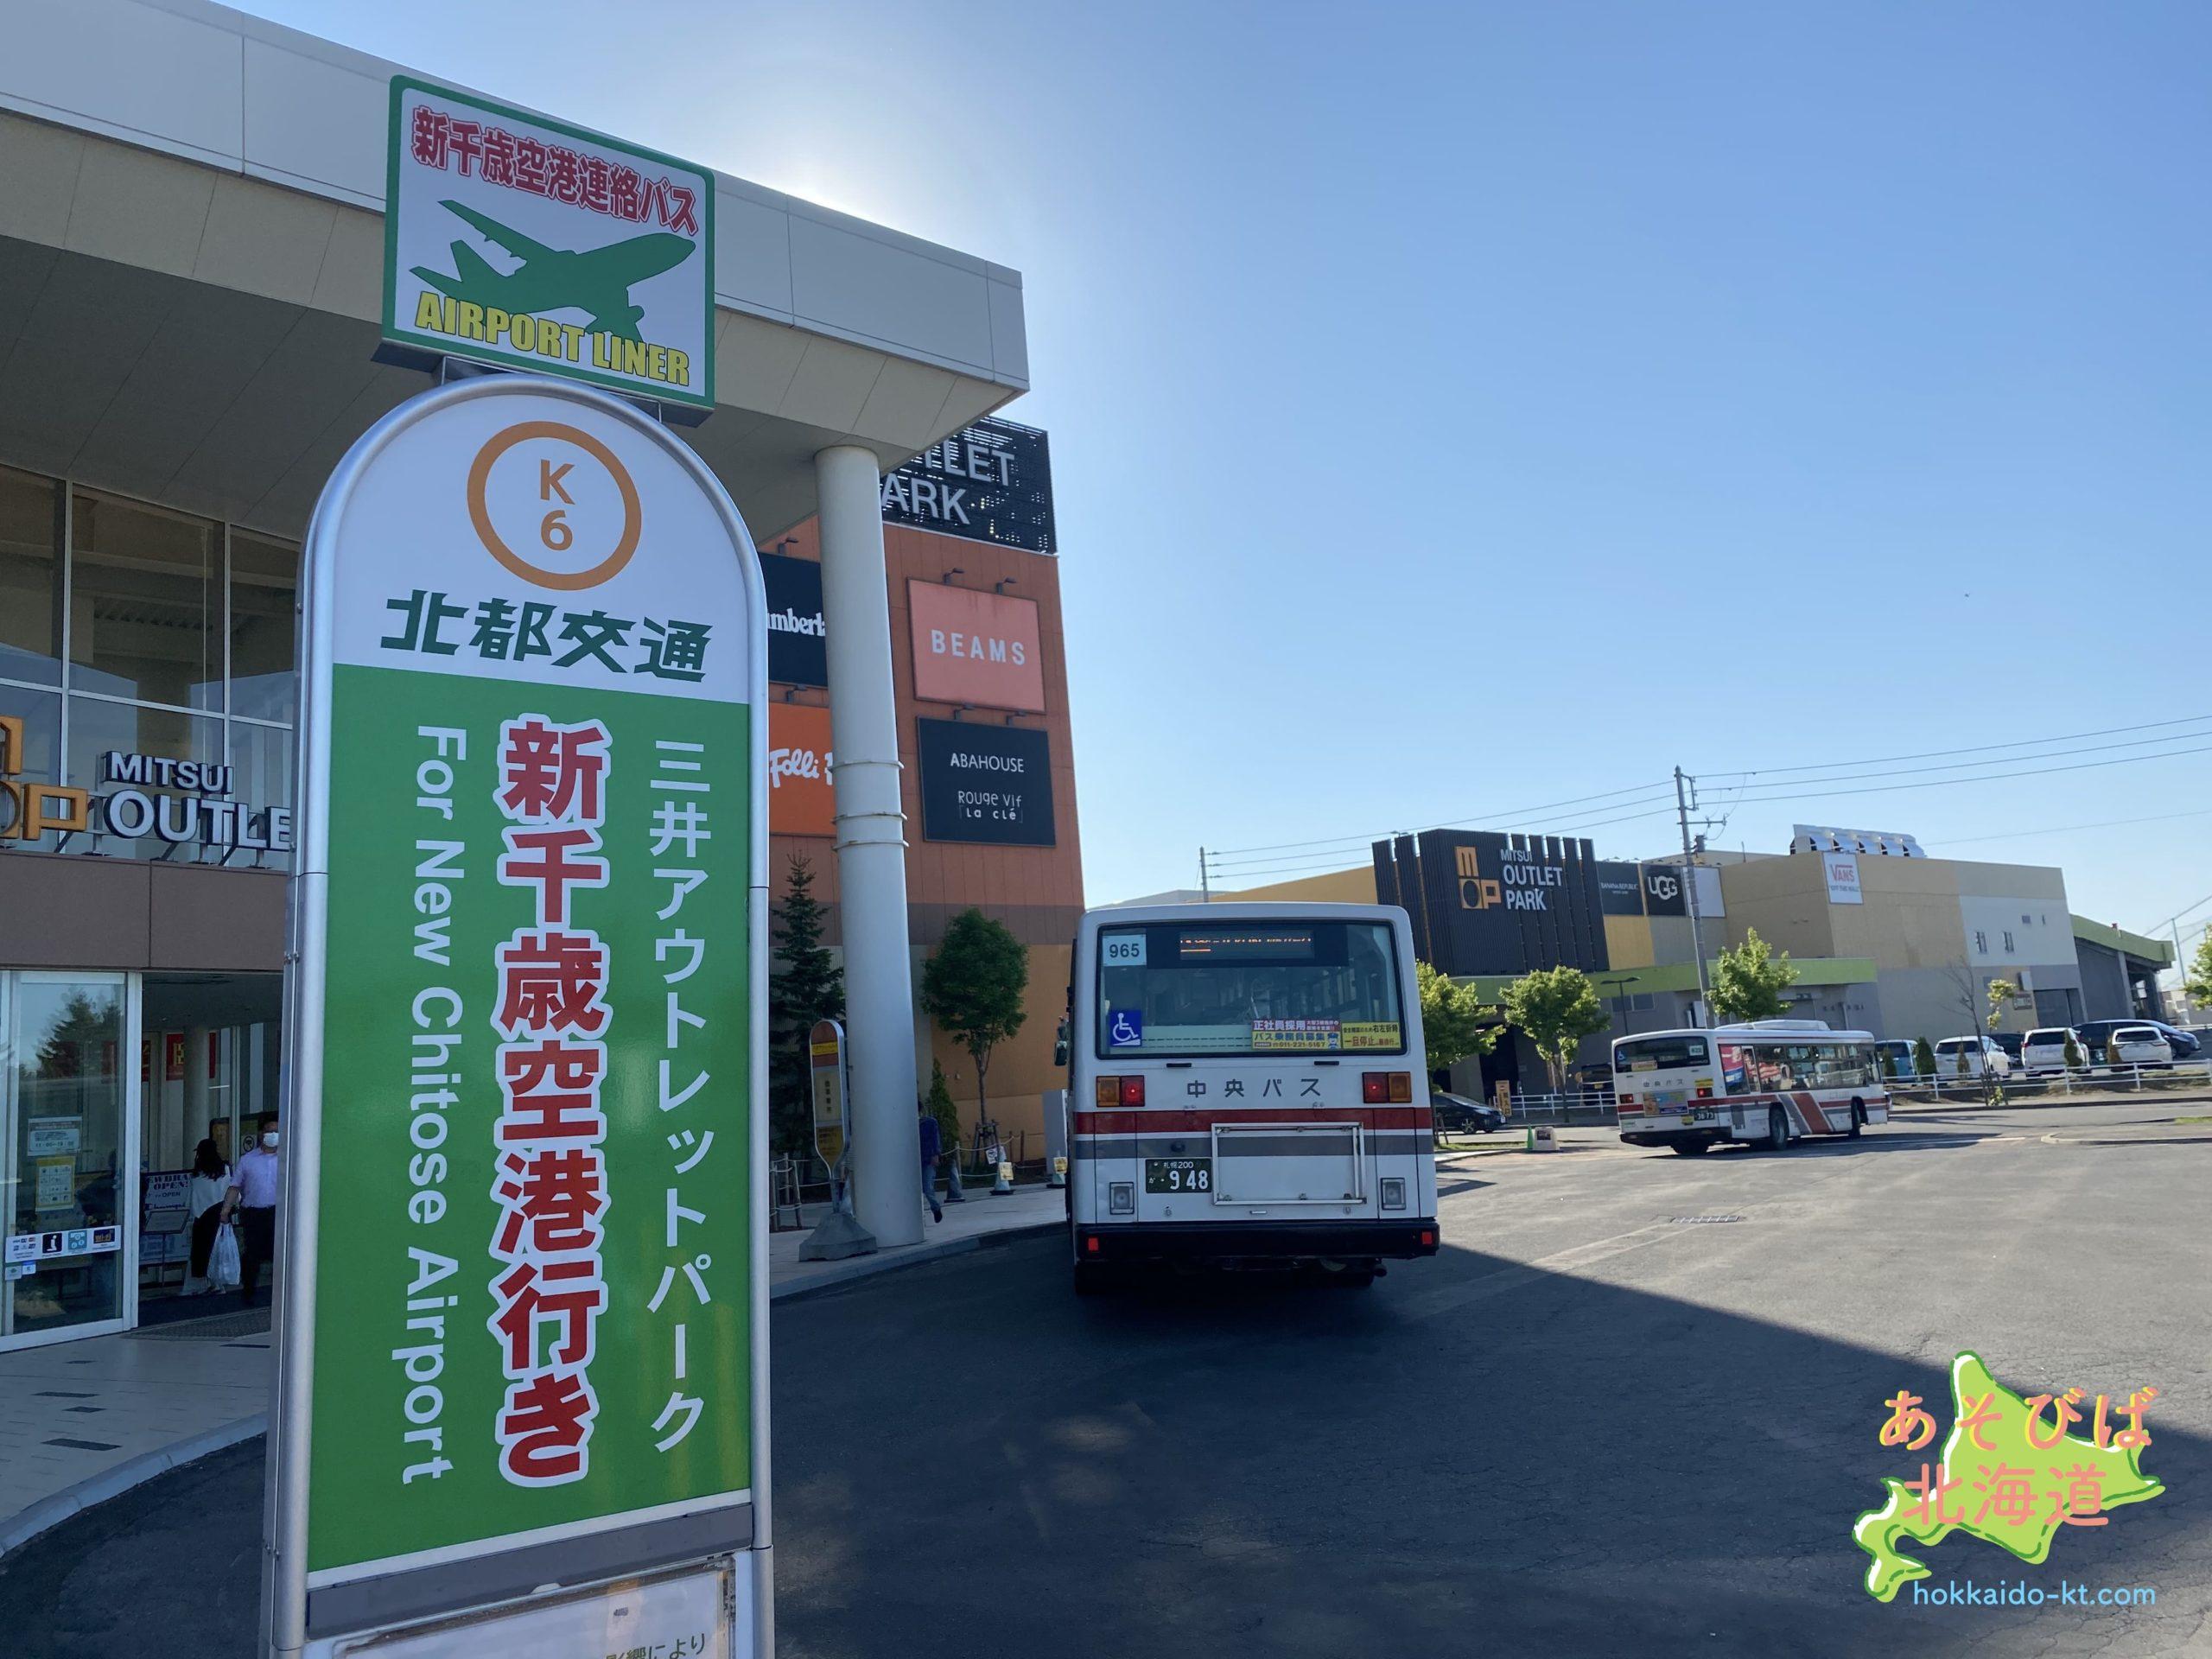 三井アウトレット新千歳空港バス